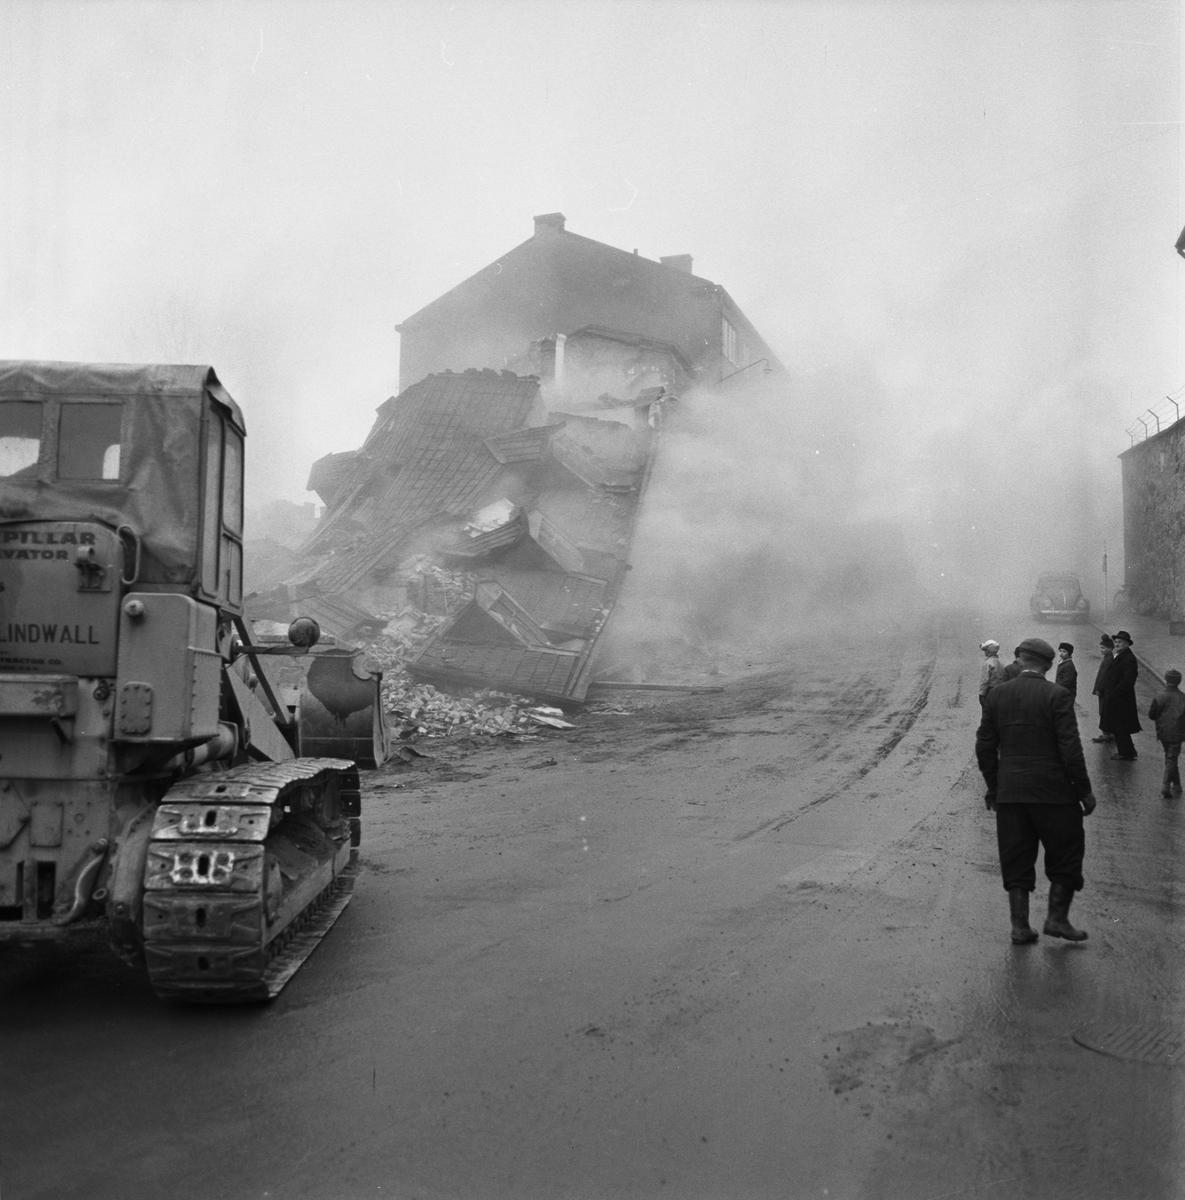 Övrigt: Fotodatum:26/3 1963. Byggnader och Kranar. Närmast identisk bild: V24056 och V24057, ej skannade. Rivningsområdet Amiralitetsgatan